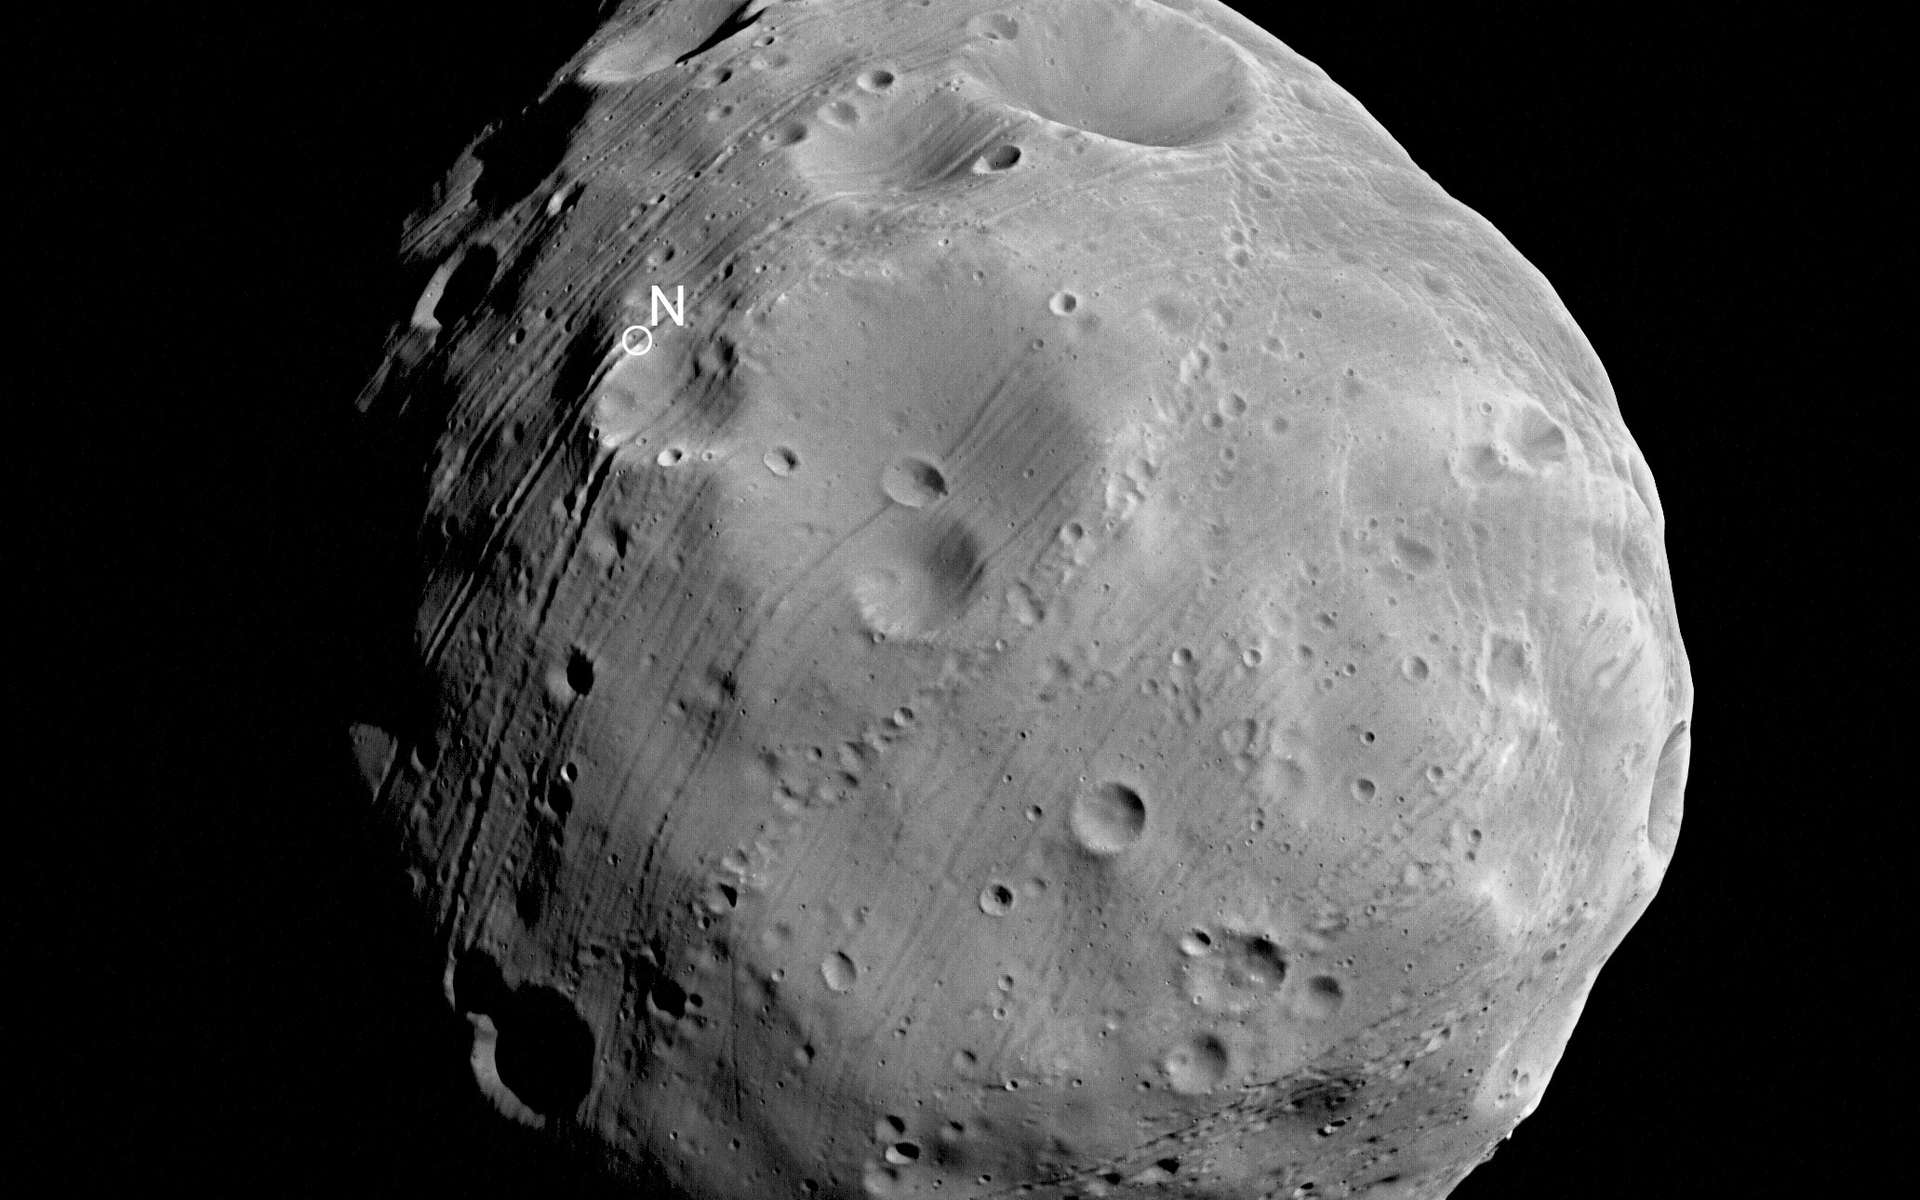 Phobos ressemble aux météorites à chondrites carbonées que l'on sait provenir des régions les plus éloignées de la ceinture d'astéroïdes. Ce qui laisse à penser qu'il ne s'est pas formé en même temps que Mars ni à partir des mêmes matériaux. Crédits Esa / DLR/ FU Berlin (G. Neukum)